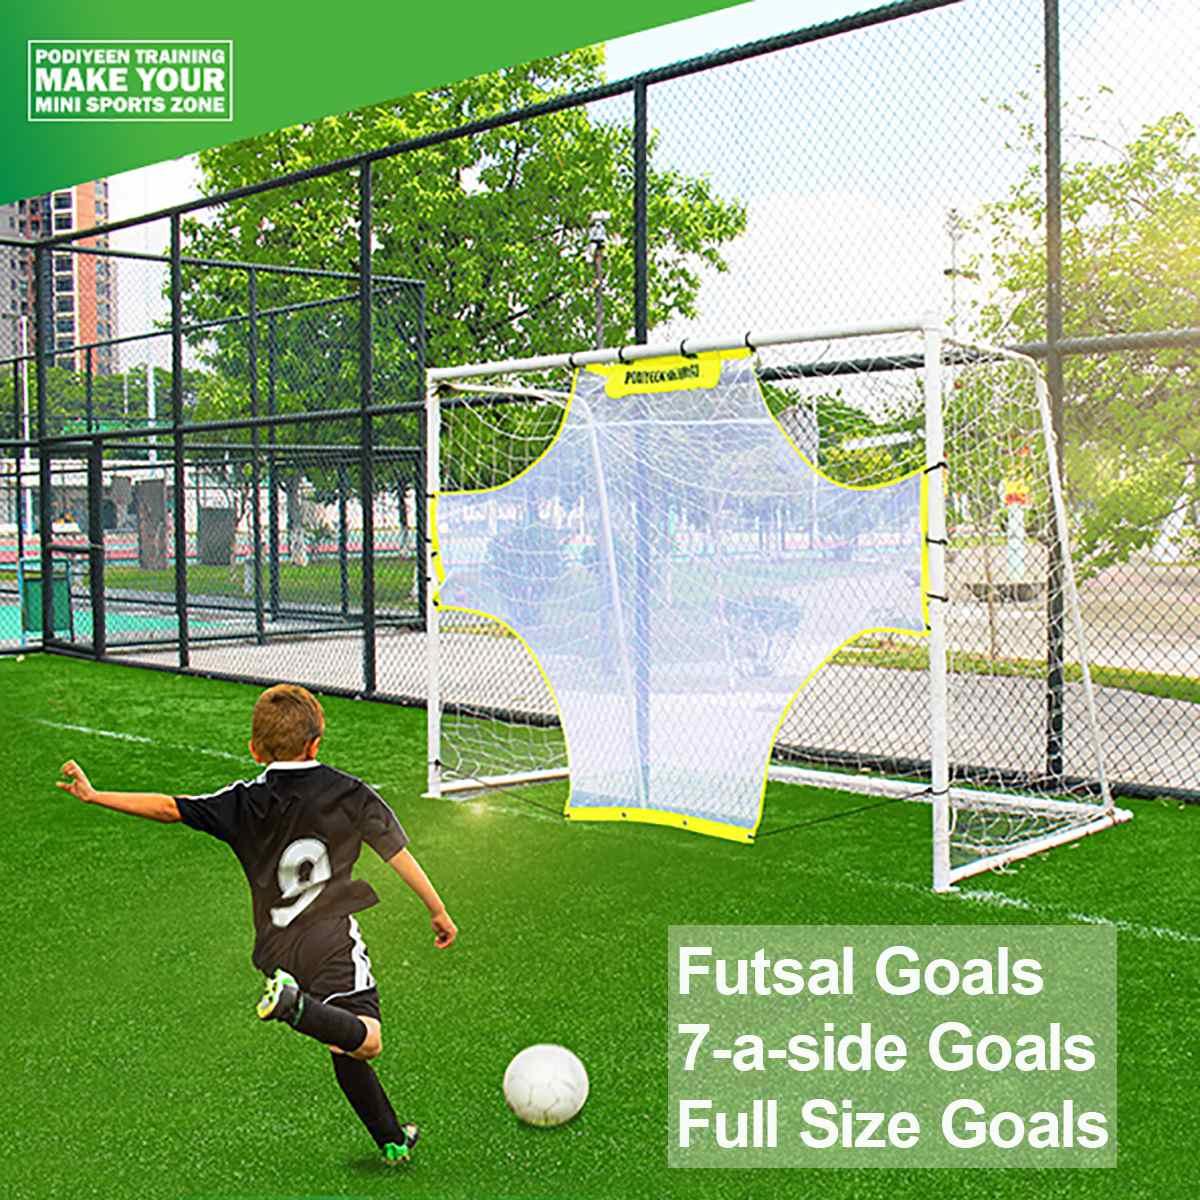 Football Training Equipment Soccer Shot Goal Net Target Practice Tools For Beginner Kids Student Hot Sell